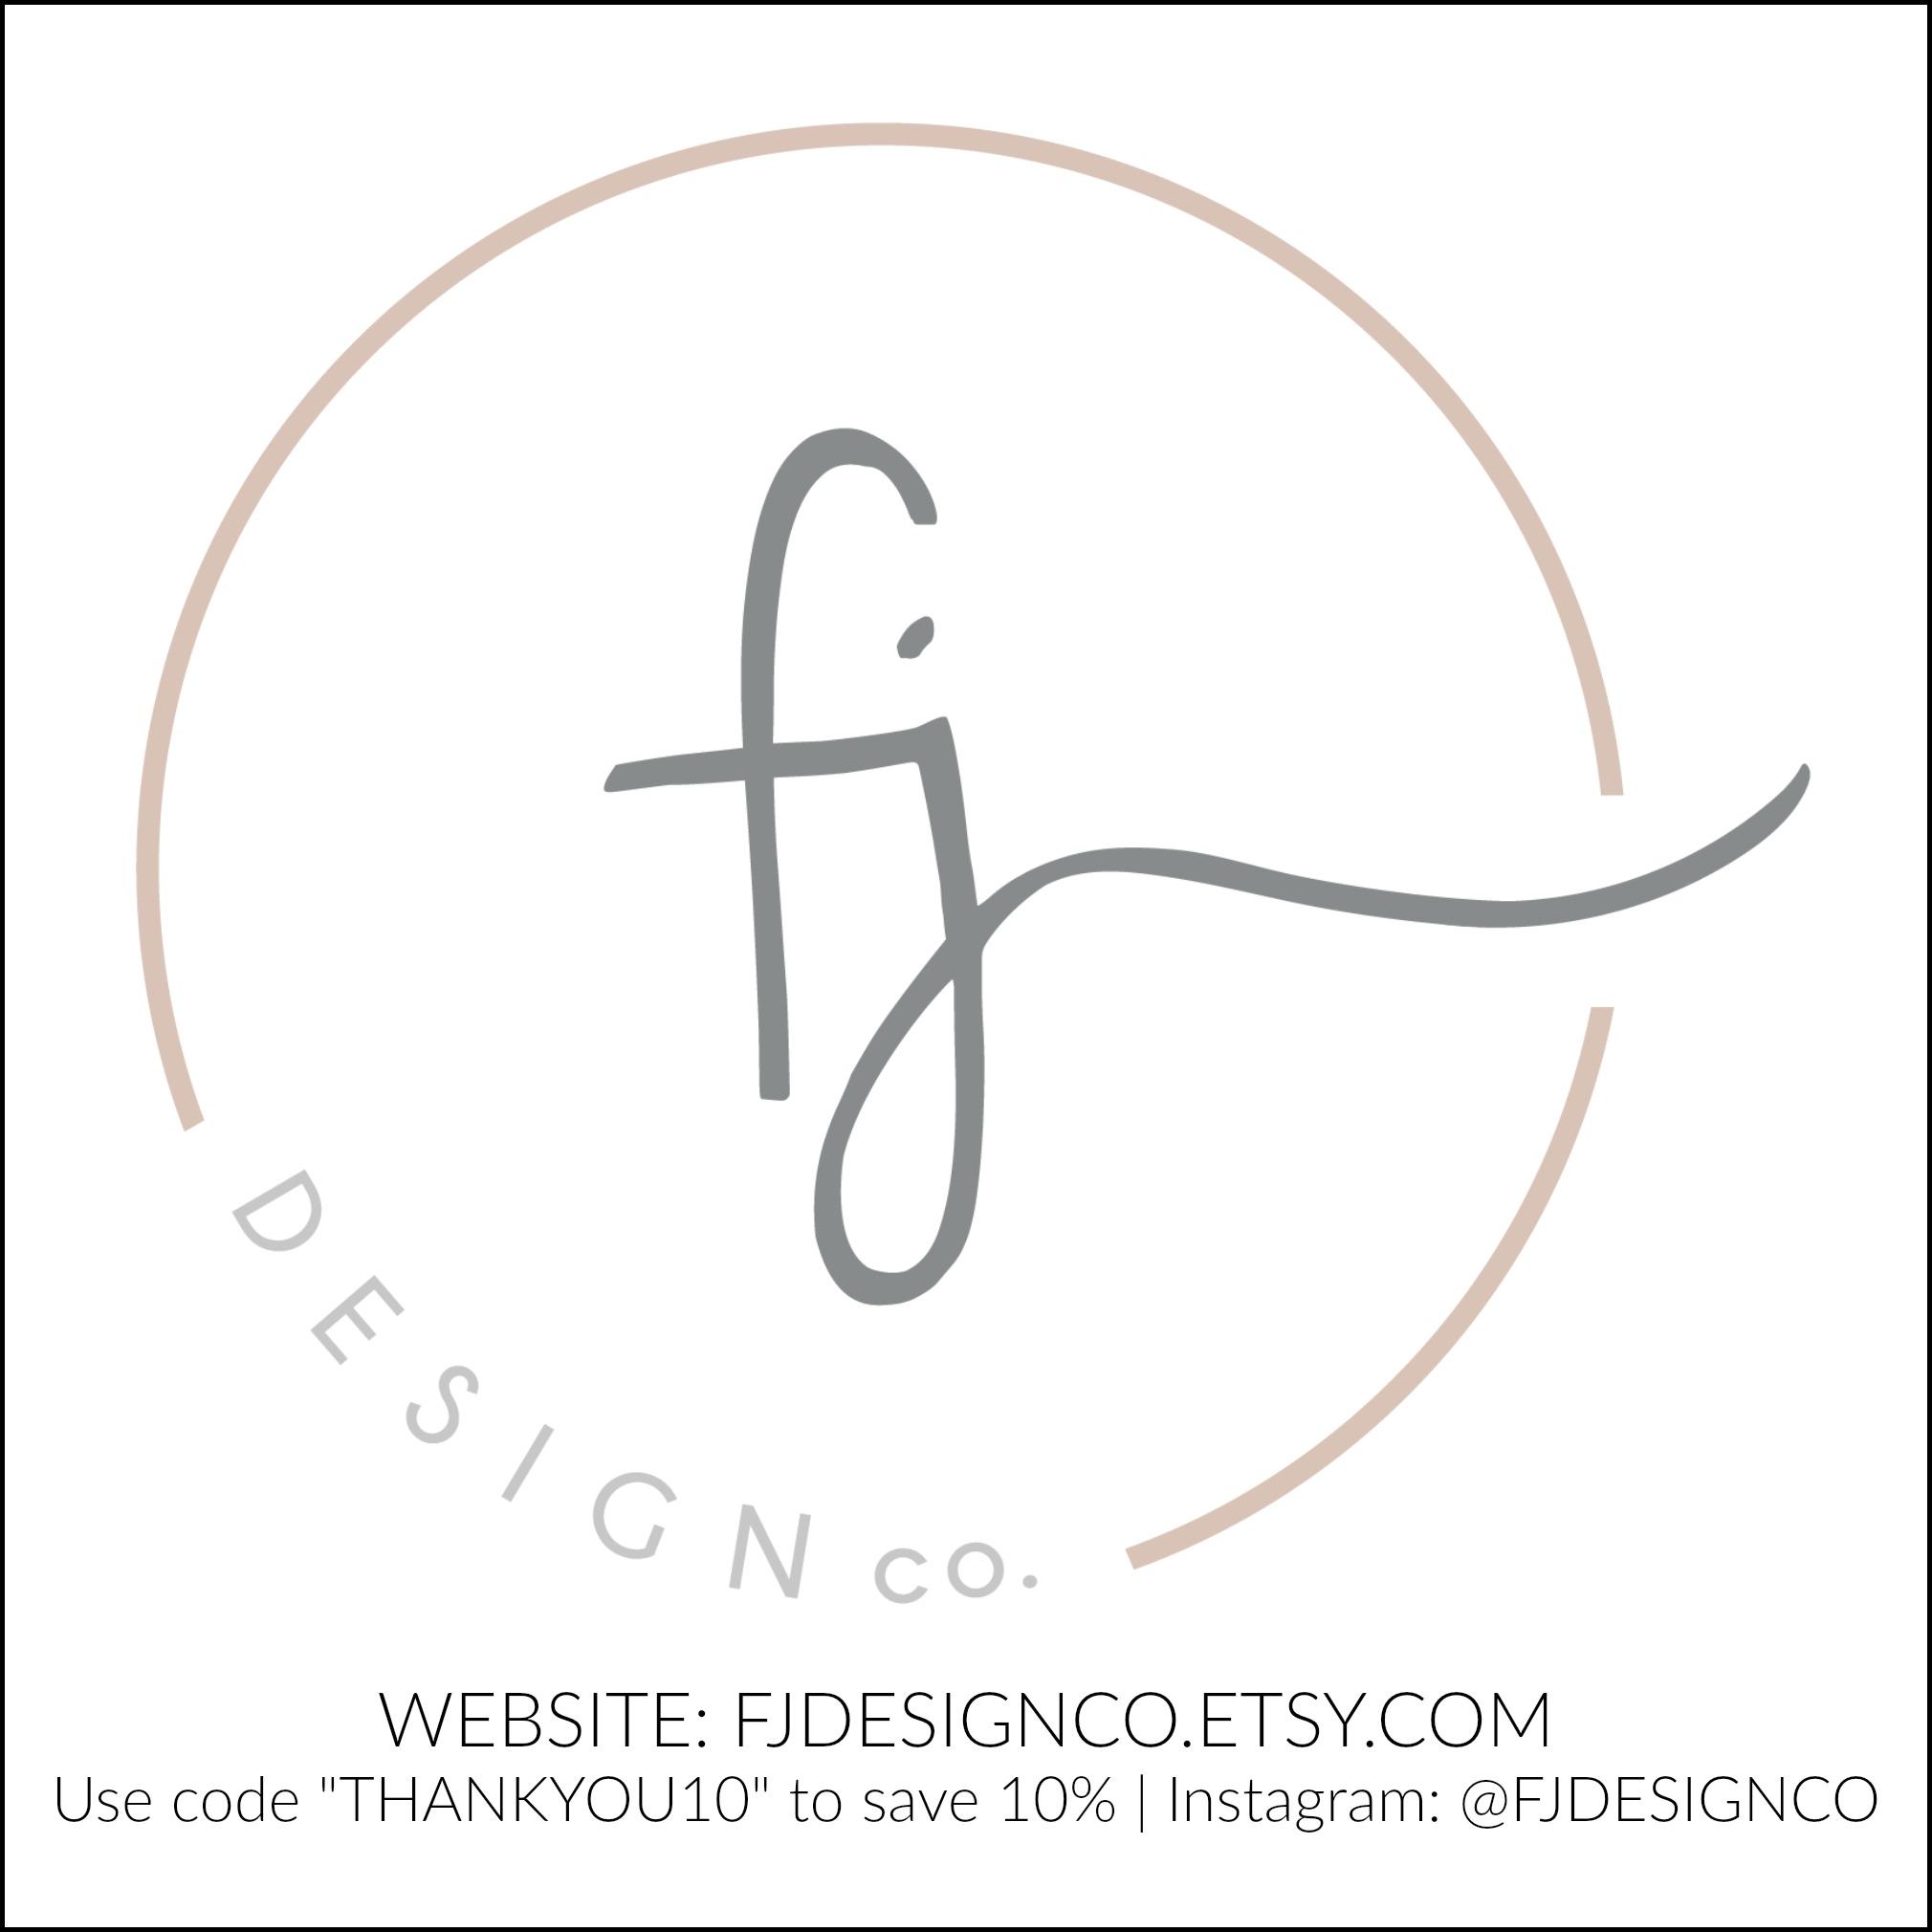 FJ Design Co | FJDesignco.etsy.com